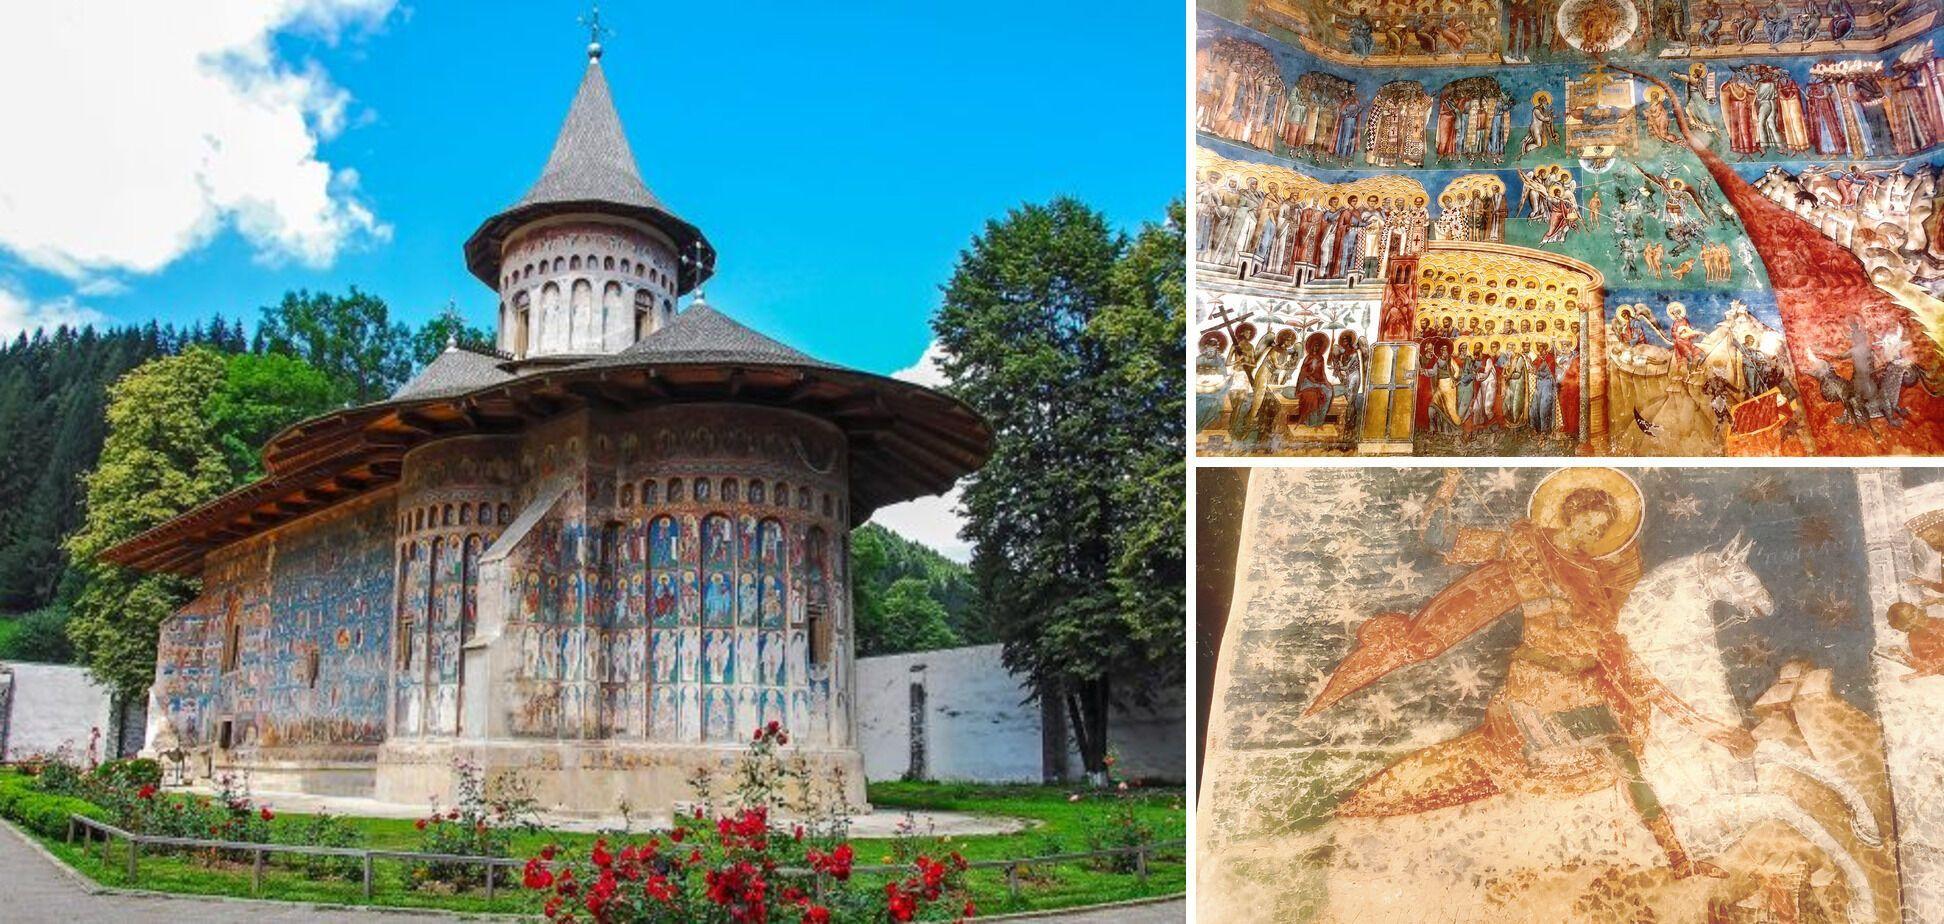 """Воронець, Сикстинська капела Східної Європи. Угорі фото фрески """"Страшний суд"""", під ним – Святий Георгій."""